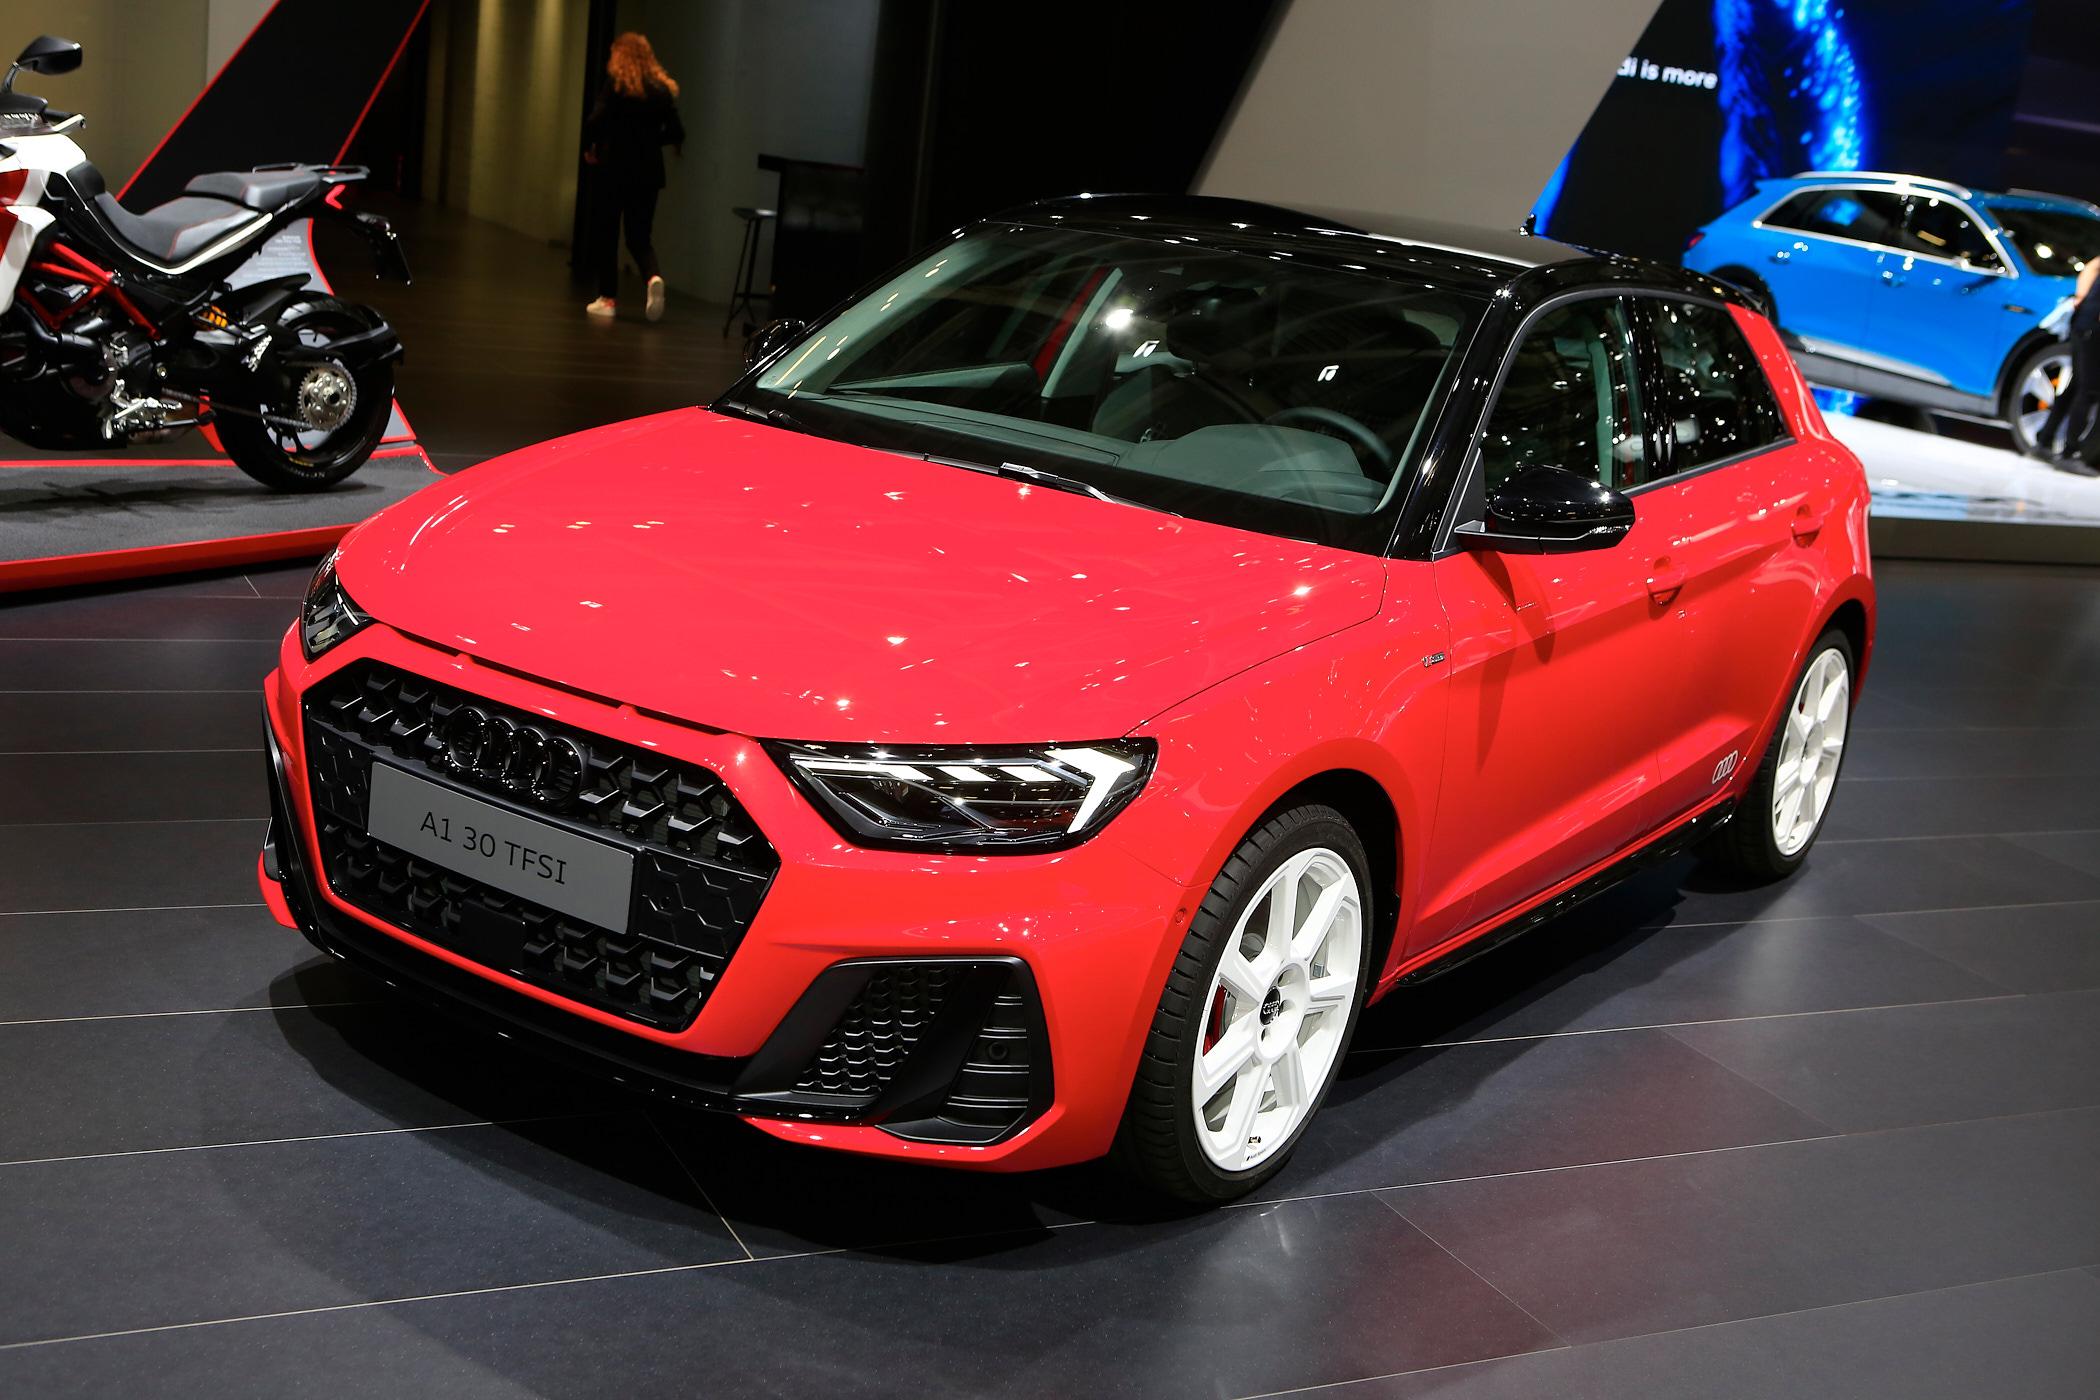 Audi A1 Sportback MY 2019 - Salone di Parigi 2018